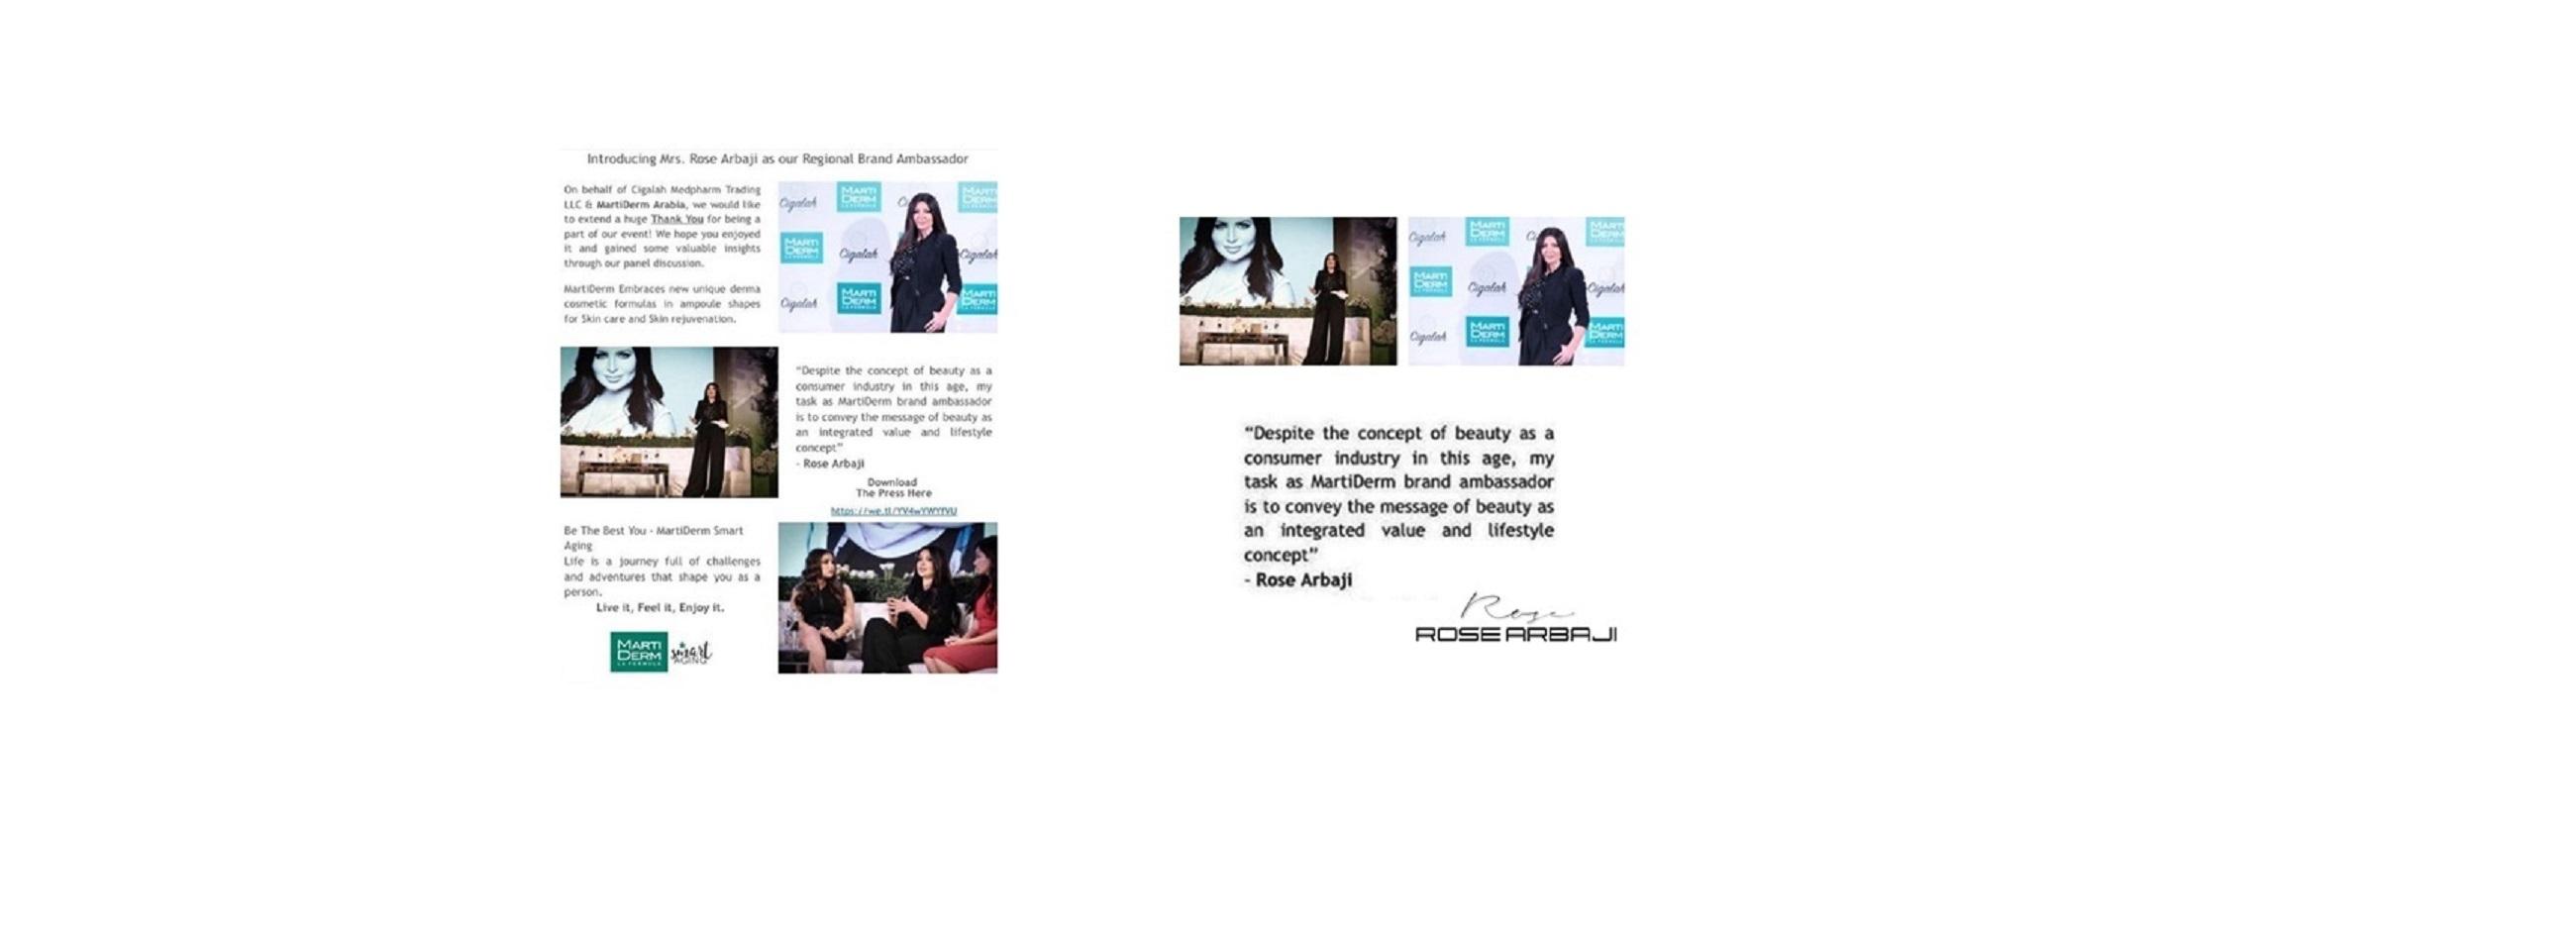 MartiDerm, MariDermArabia, Beauty, Beauty Consulta